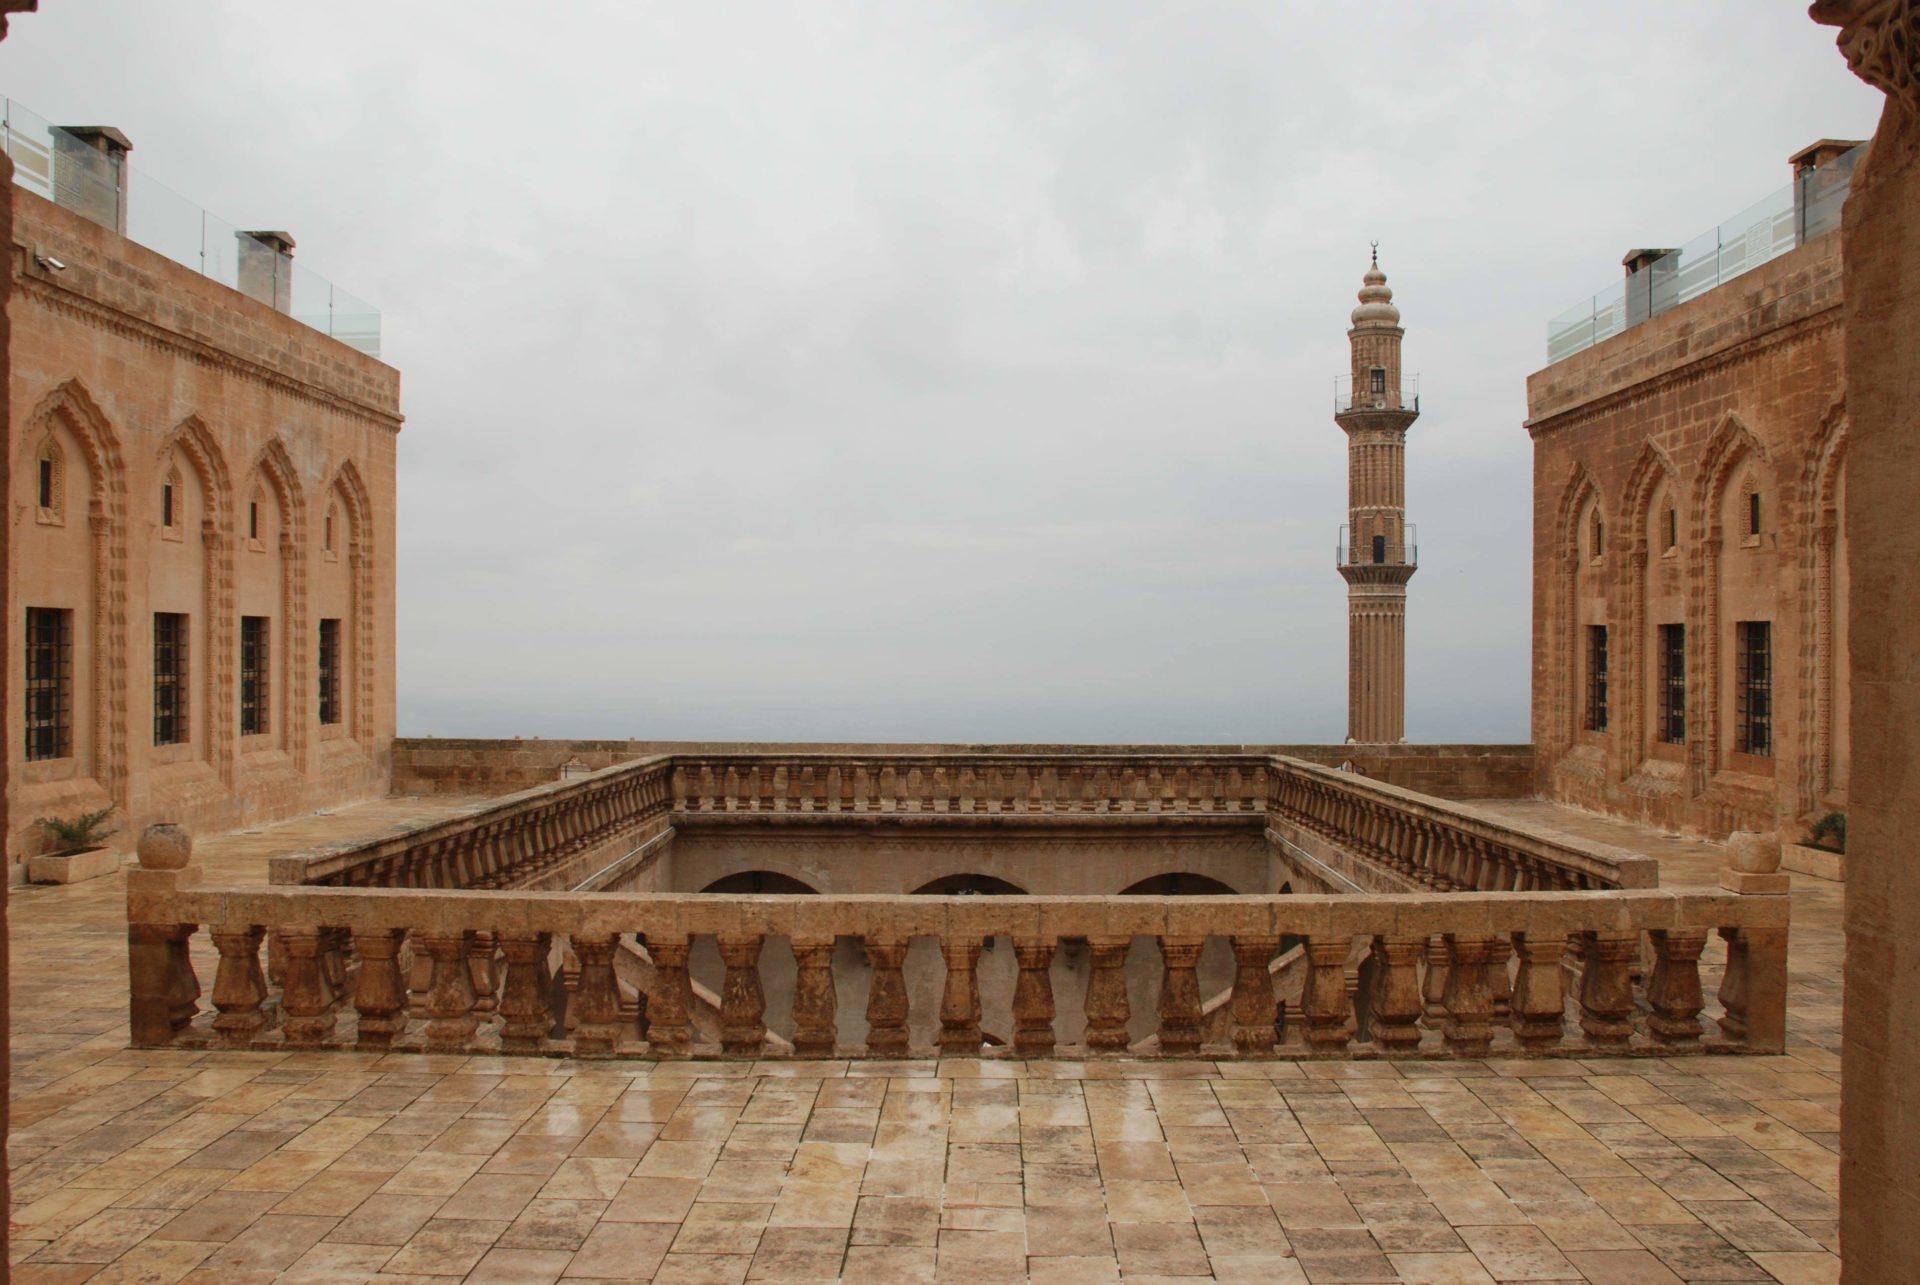 fot. Marta Burza, Uniwersytet w Mardin, charakterystyczna architektura